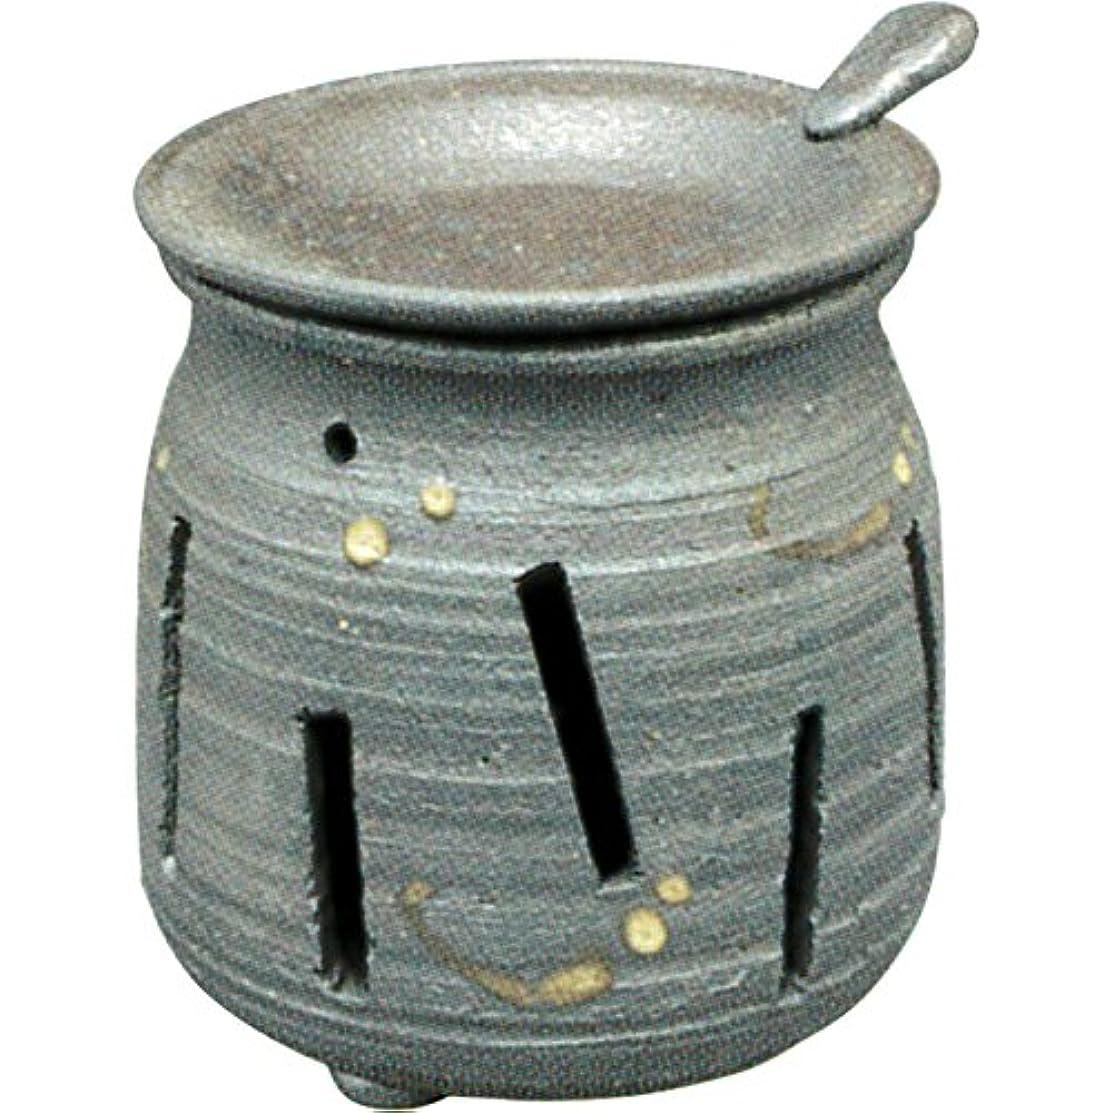 リークこどもの宮殿時々時々常滑焼 : 焜清 茶香炉 ル36-05